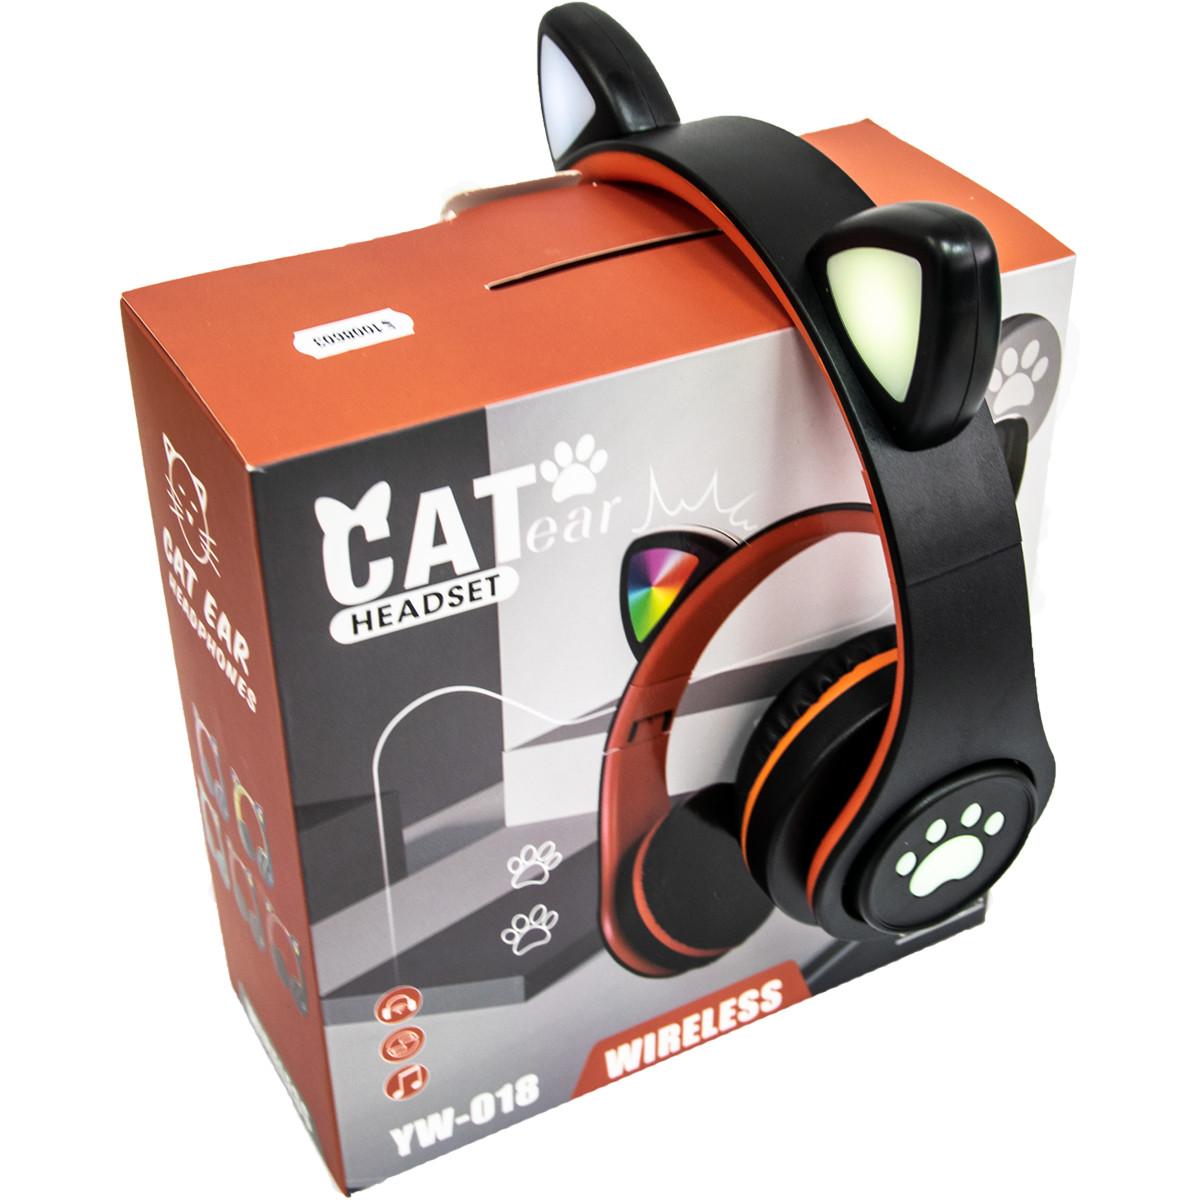 Наушники беспроводные с подсветкой CAT EAR YW-018 Bluetooth наушники с ушками (Черный) блютуз гарнитура (ST)